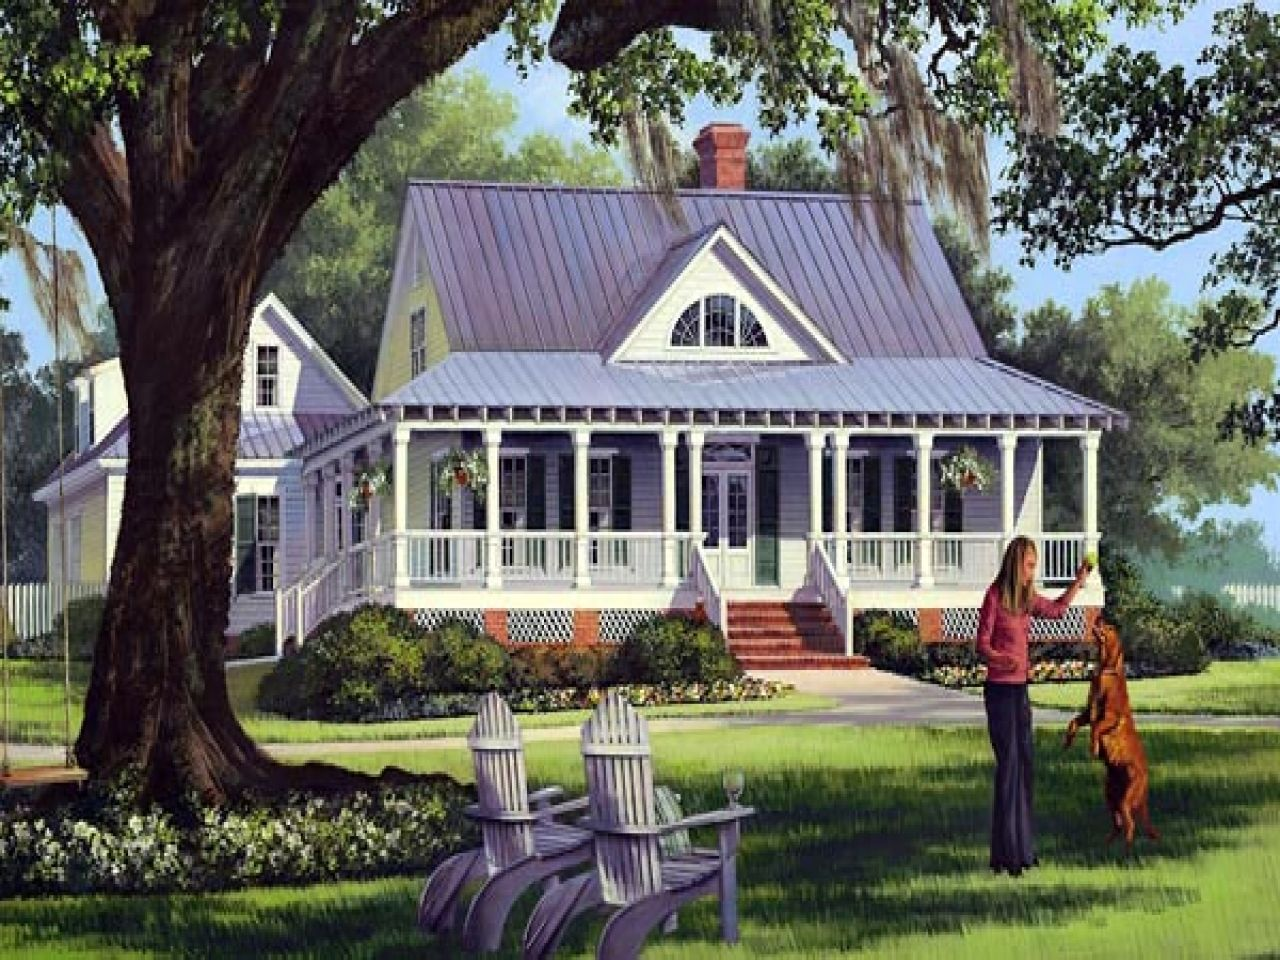 10 Coolest Farmhouse Plans For Your Inspiration Farmhouse Style House House Plans Farmhouse New House Plans